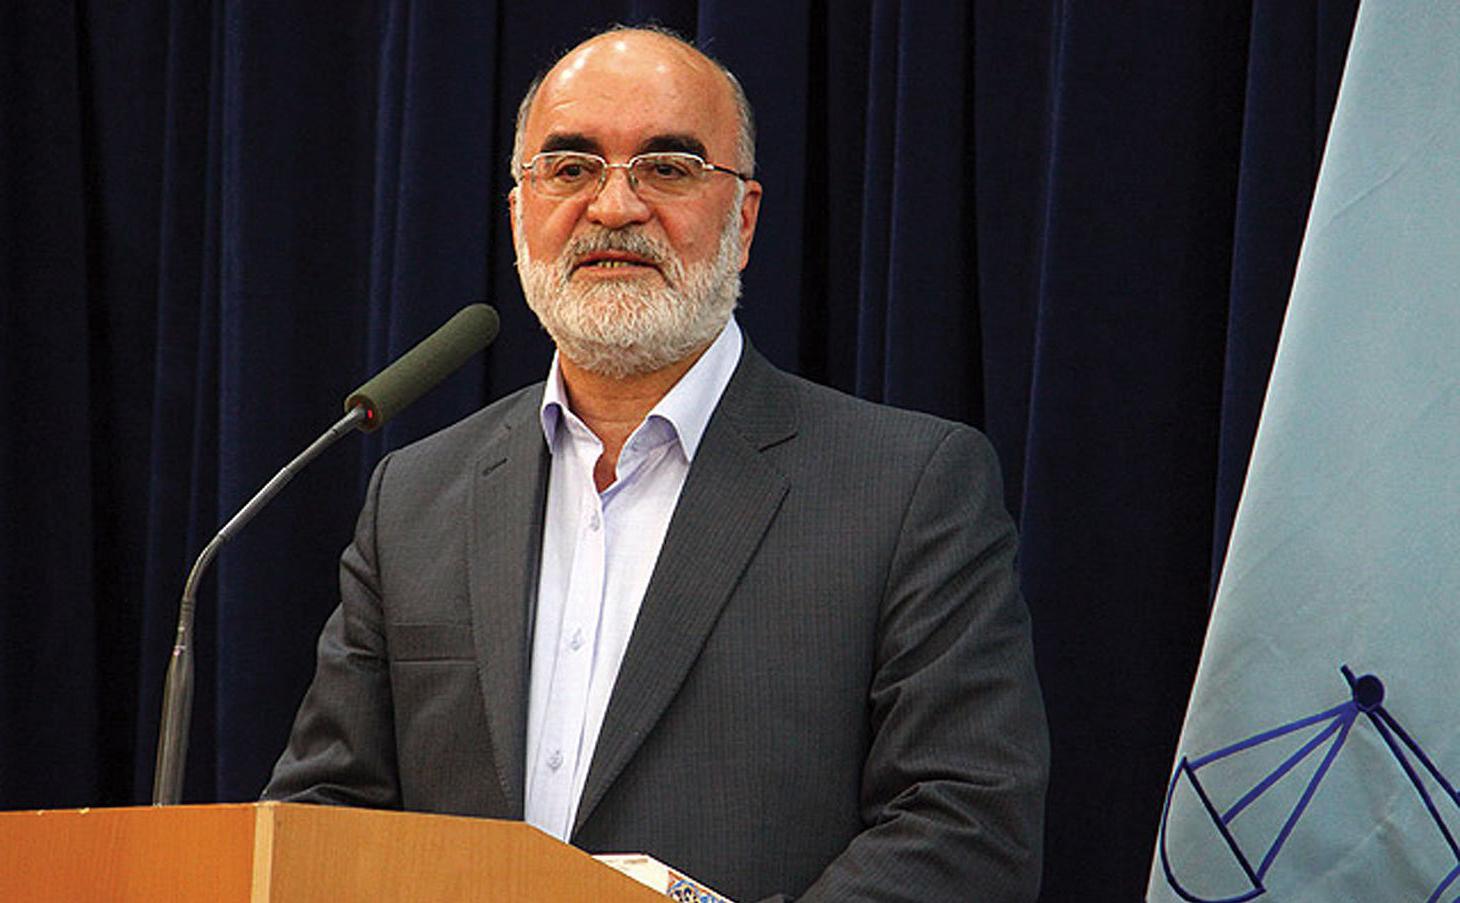 باشگاه خبرنگاران -اعلام بیش از ٣٠ هزار شکایت در ٩ ماهه امسال به سازمان بازرسی کل کشور